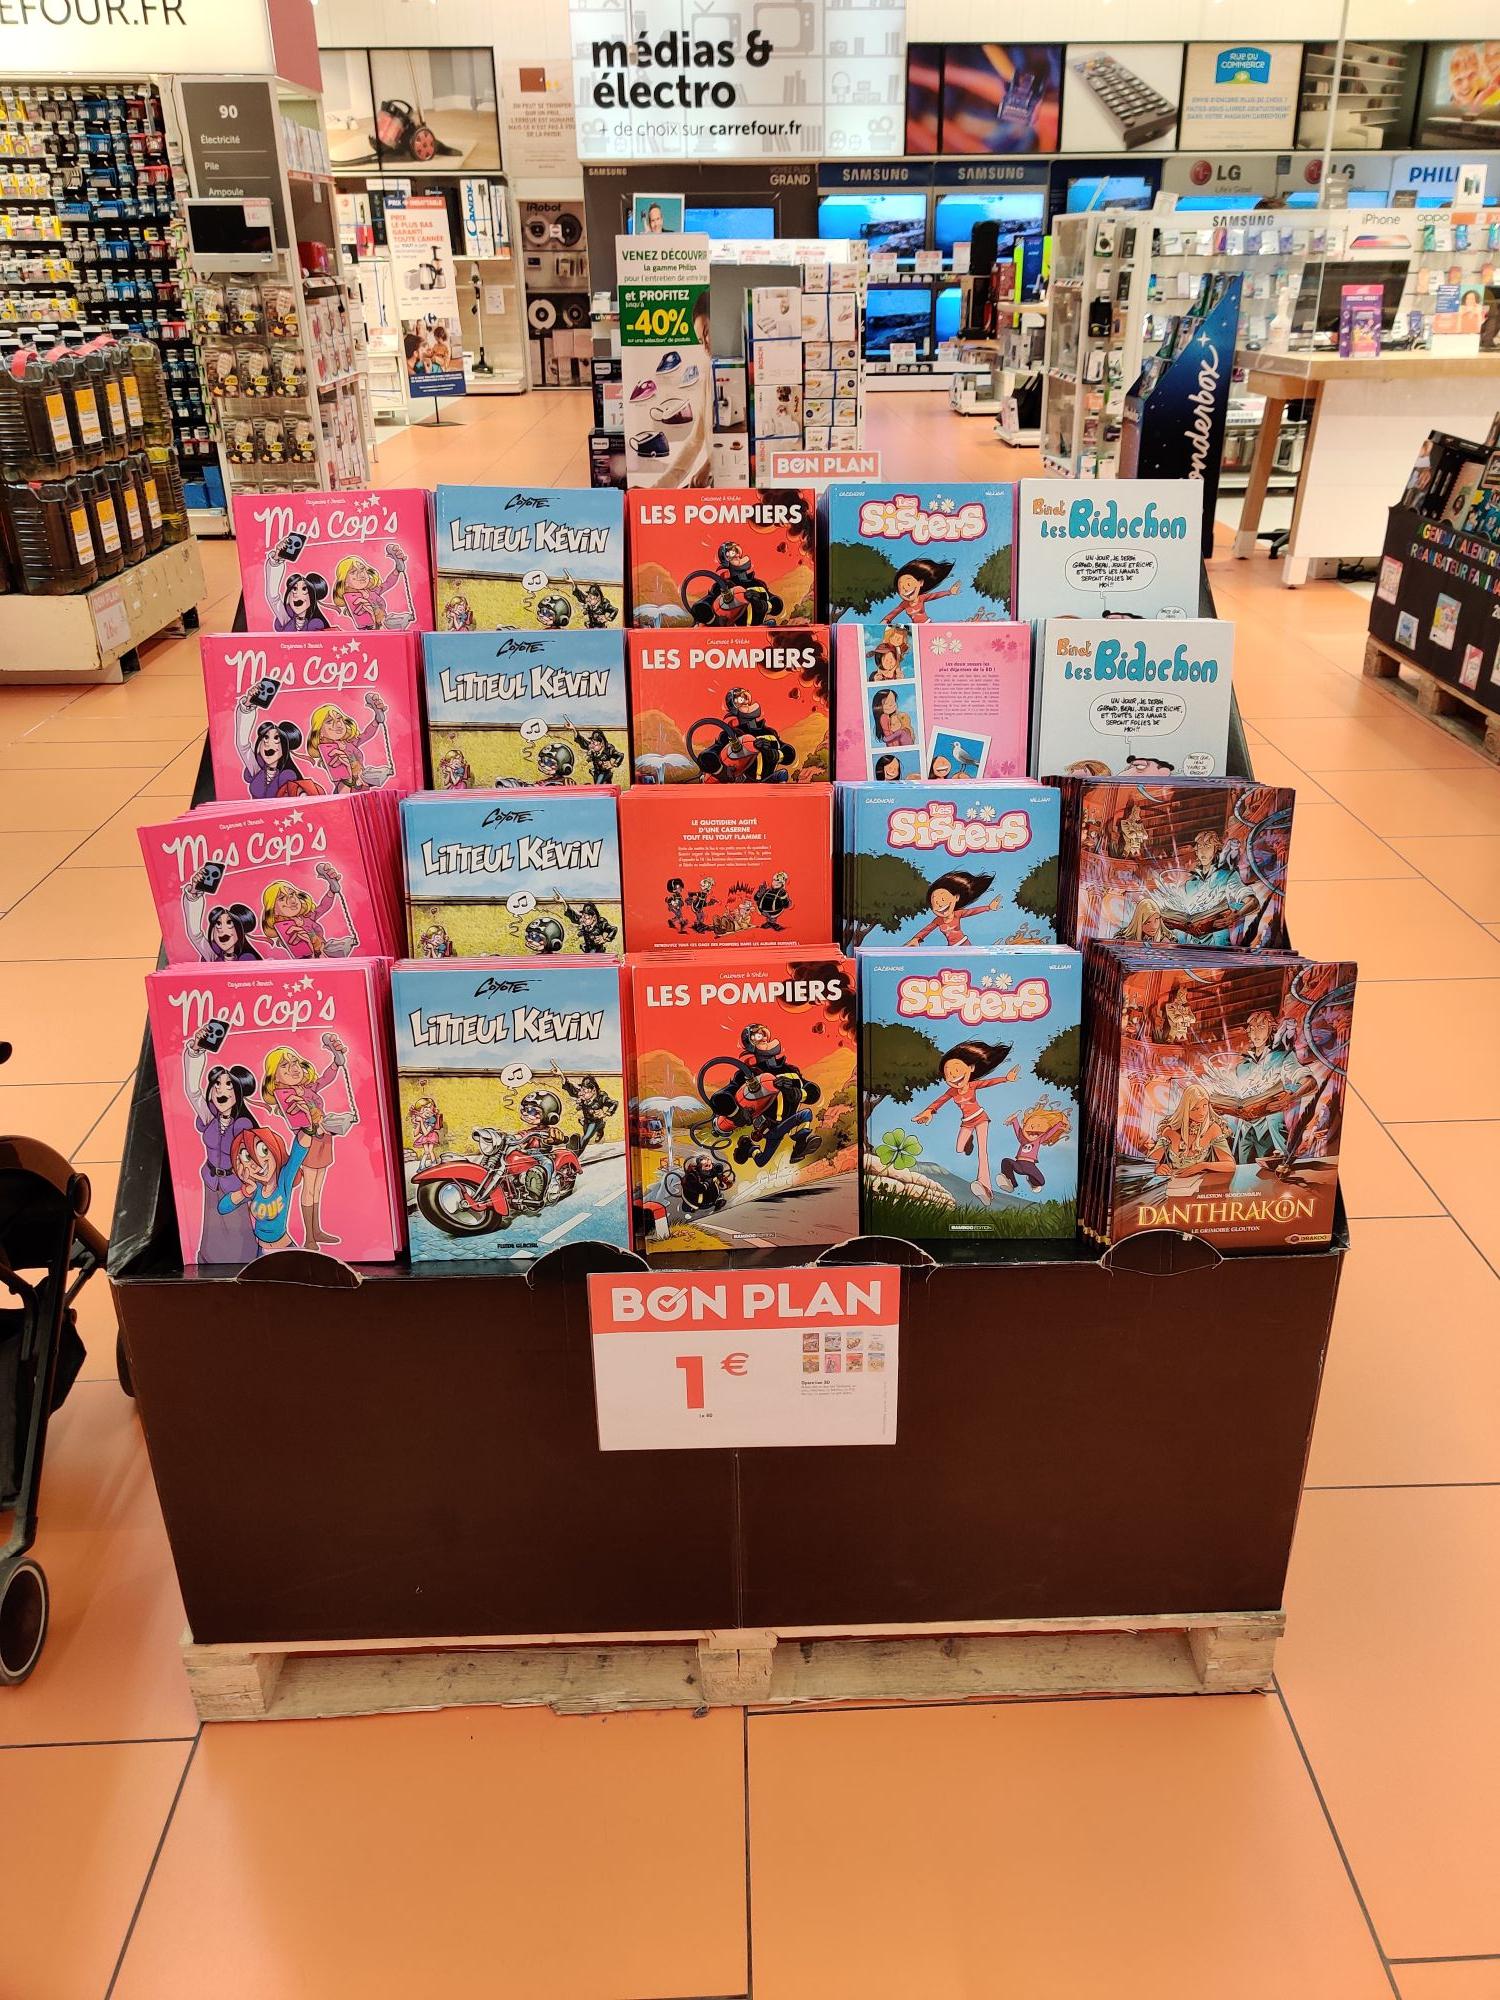 Sélection de bandes dessinées à 1€ - l'Isle d'Abeau (38)